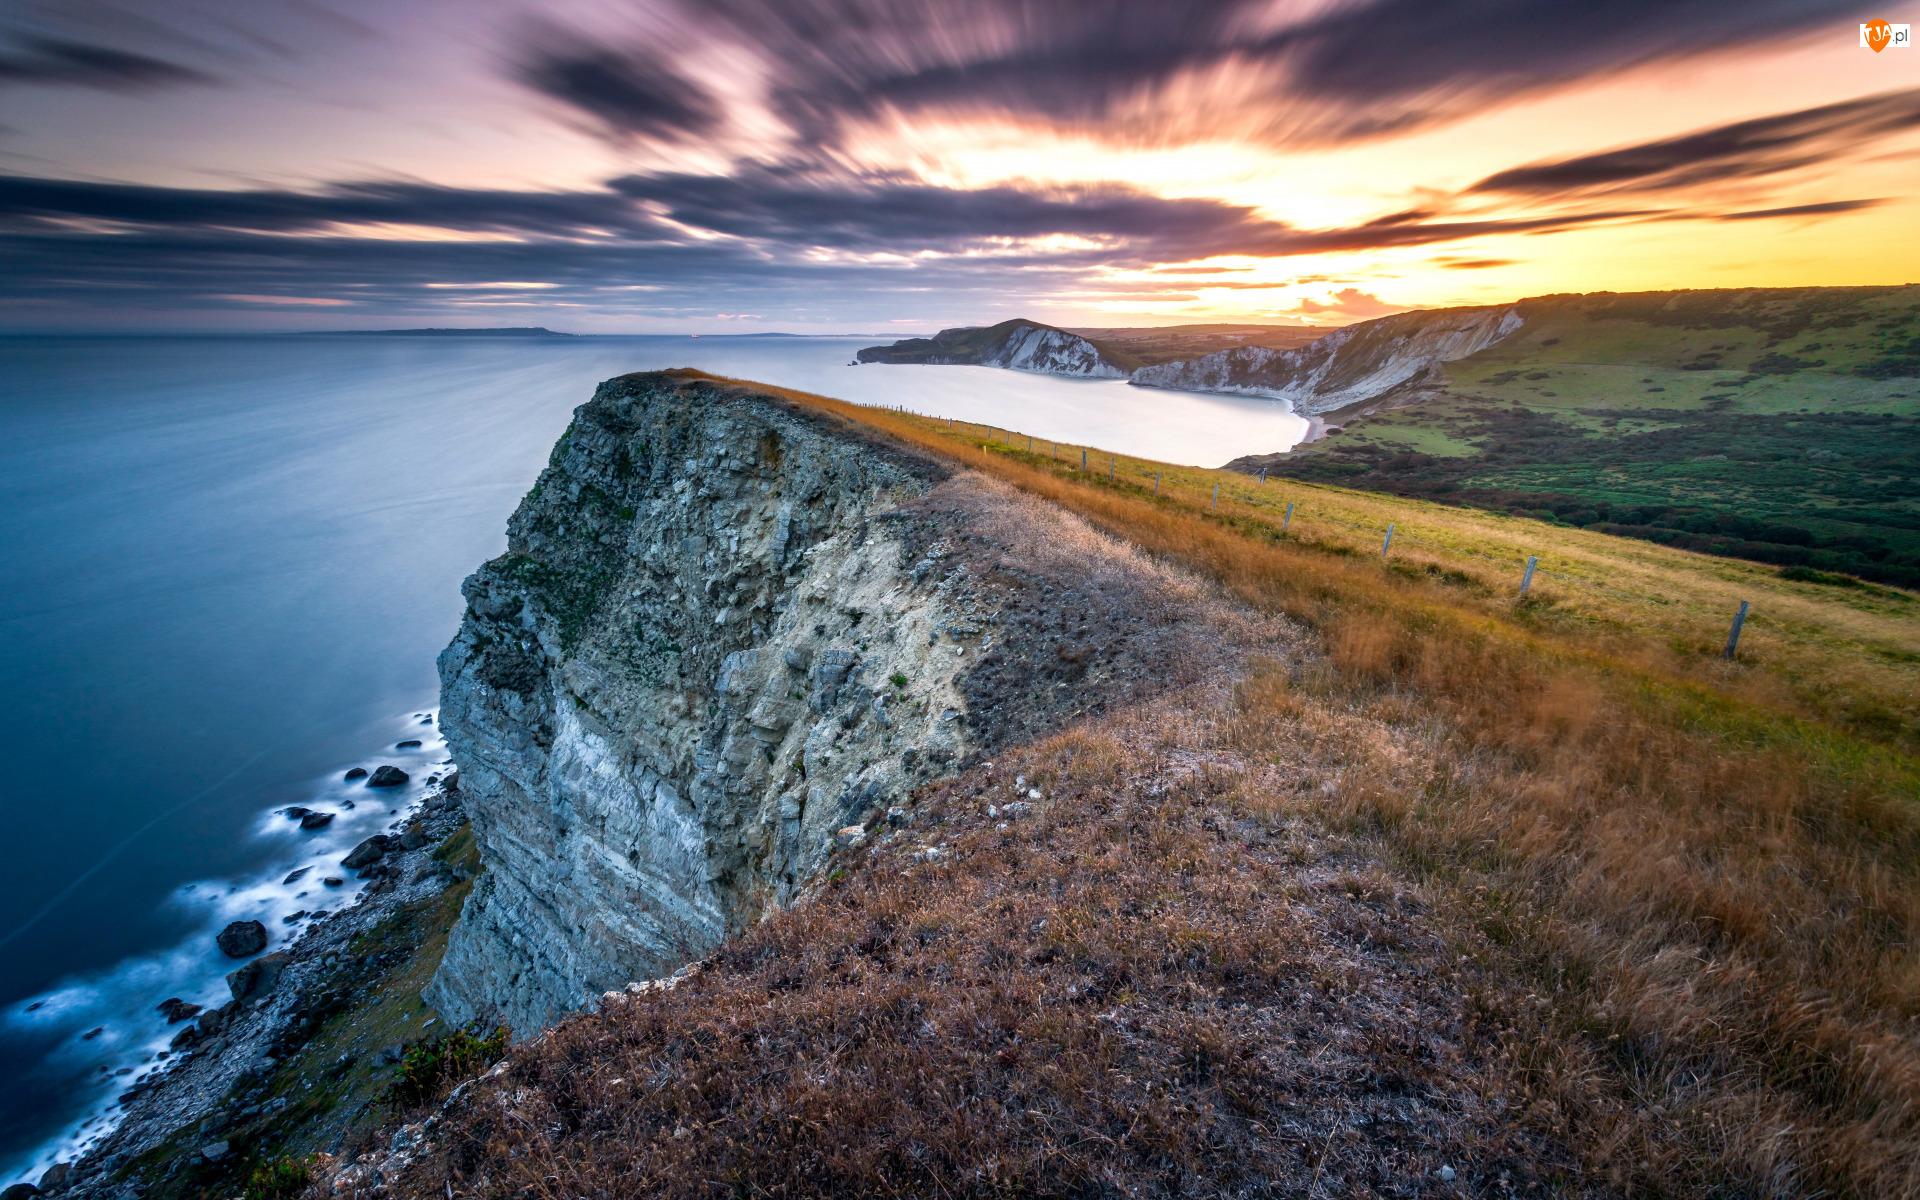 Anglia, Gad Cliff, Hrabstwo Dorset, Trawy, Chmury, Klif, Morze, Wybrzeże, Zachód słońca